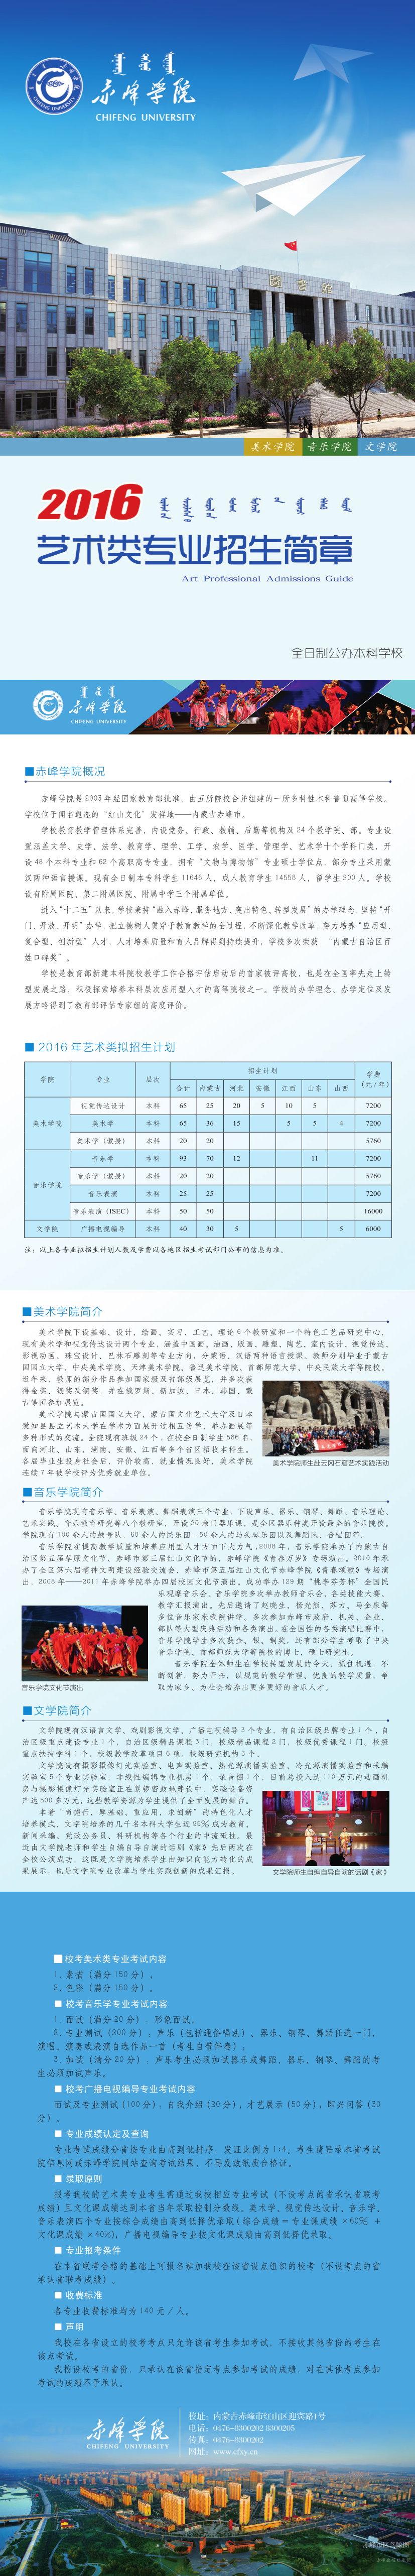 赤峰学院2016年艺术类专业招生简章